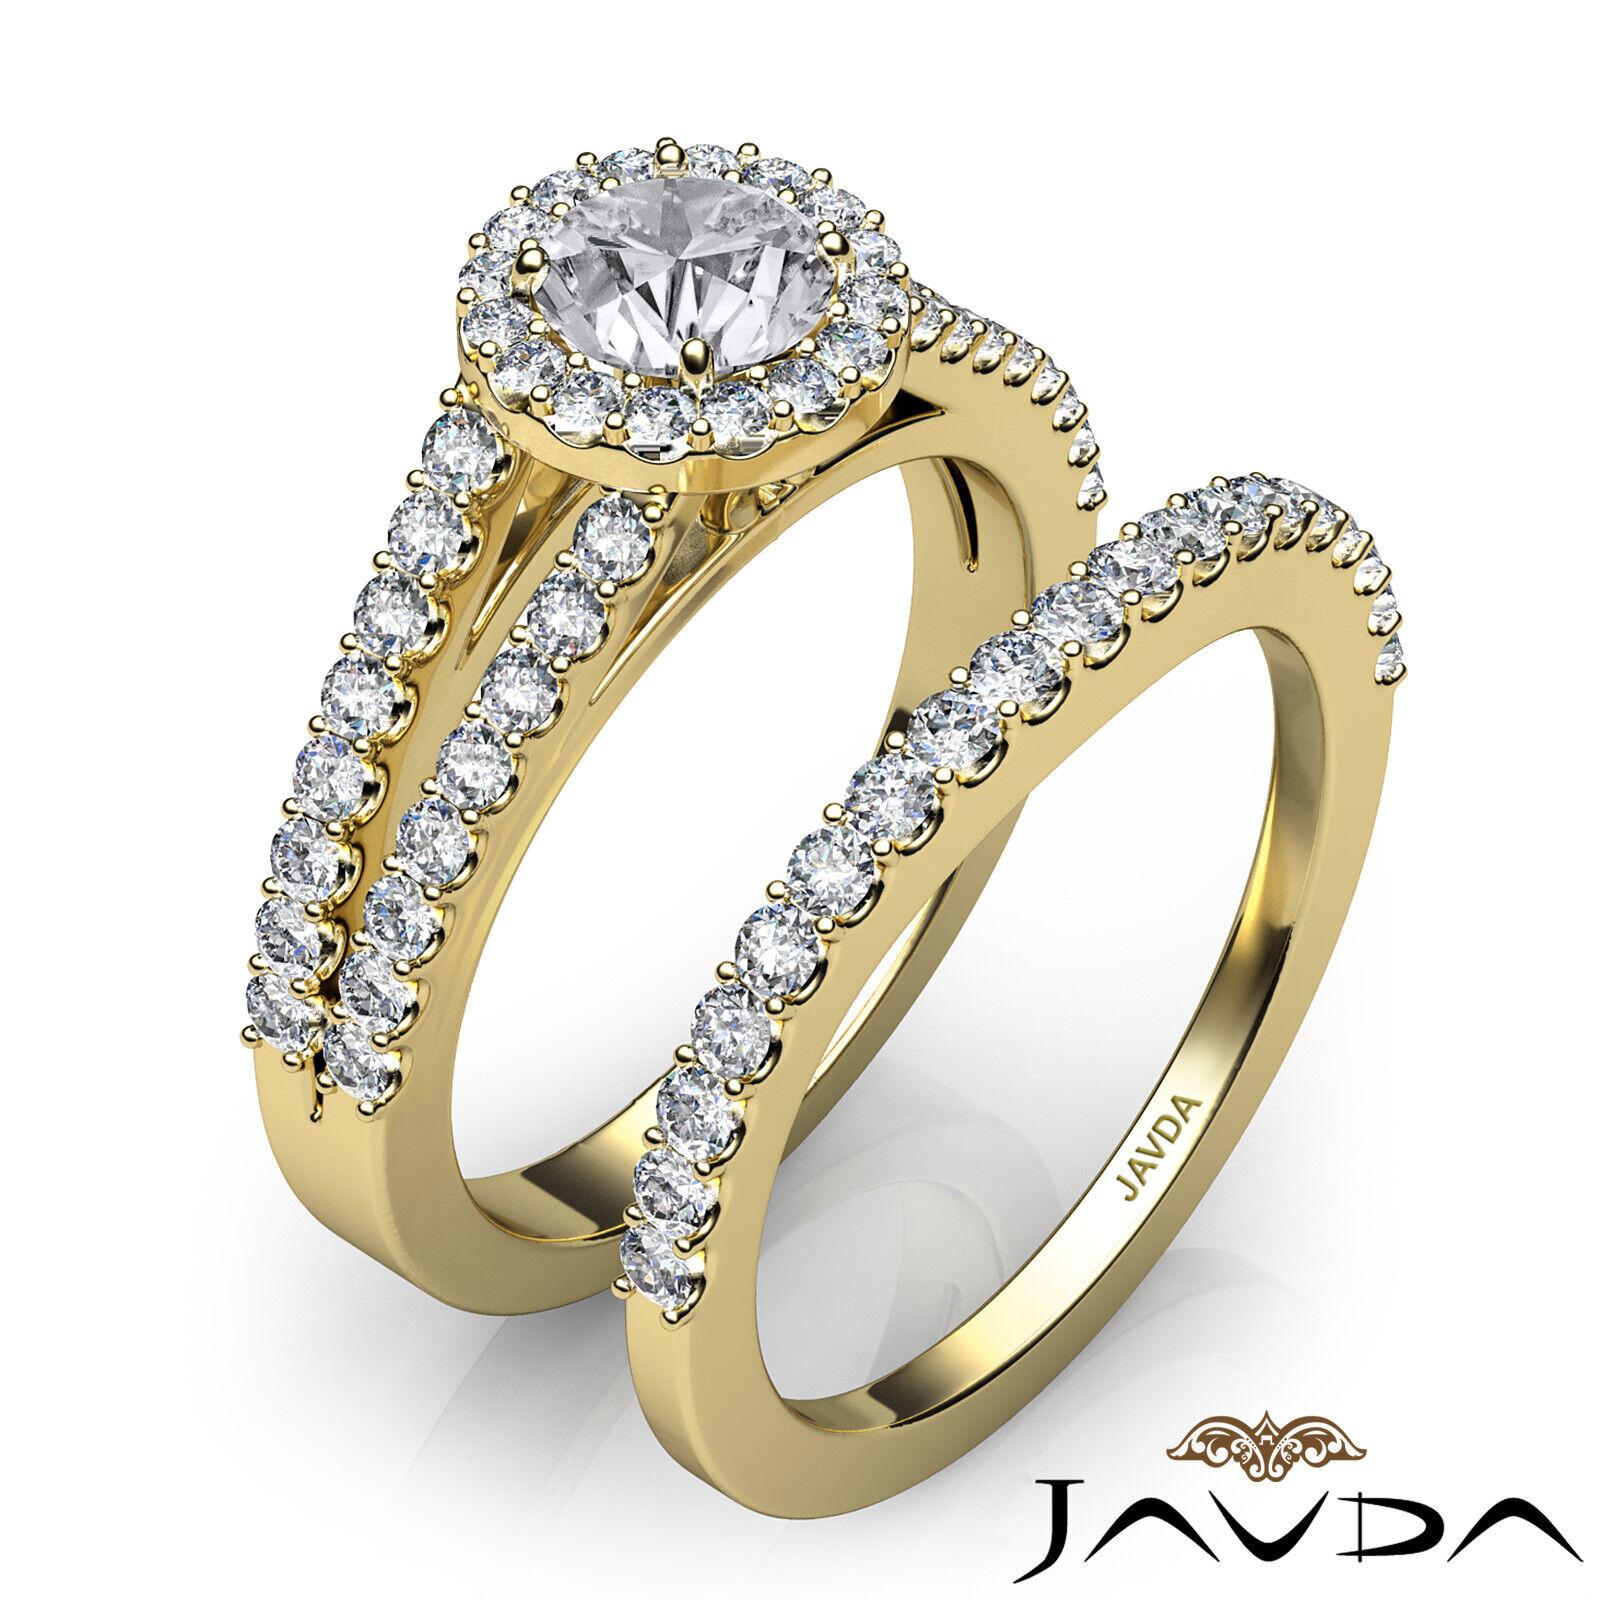 1.65ctw Luxurious Wedding Bridal Round Diamond Engagement Ring GIA E-VVS2 W Gold 11